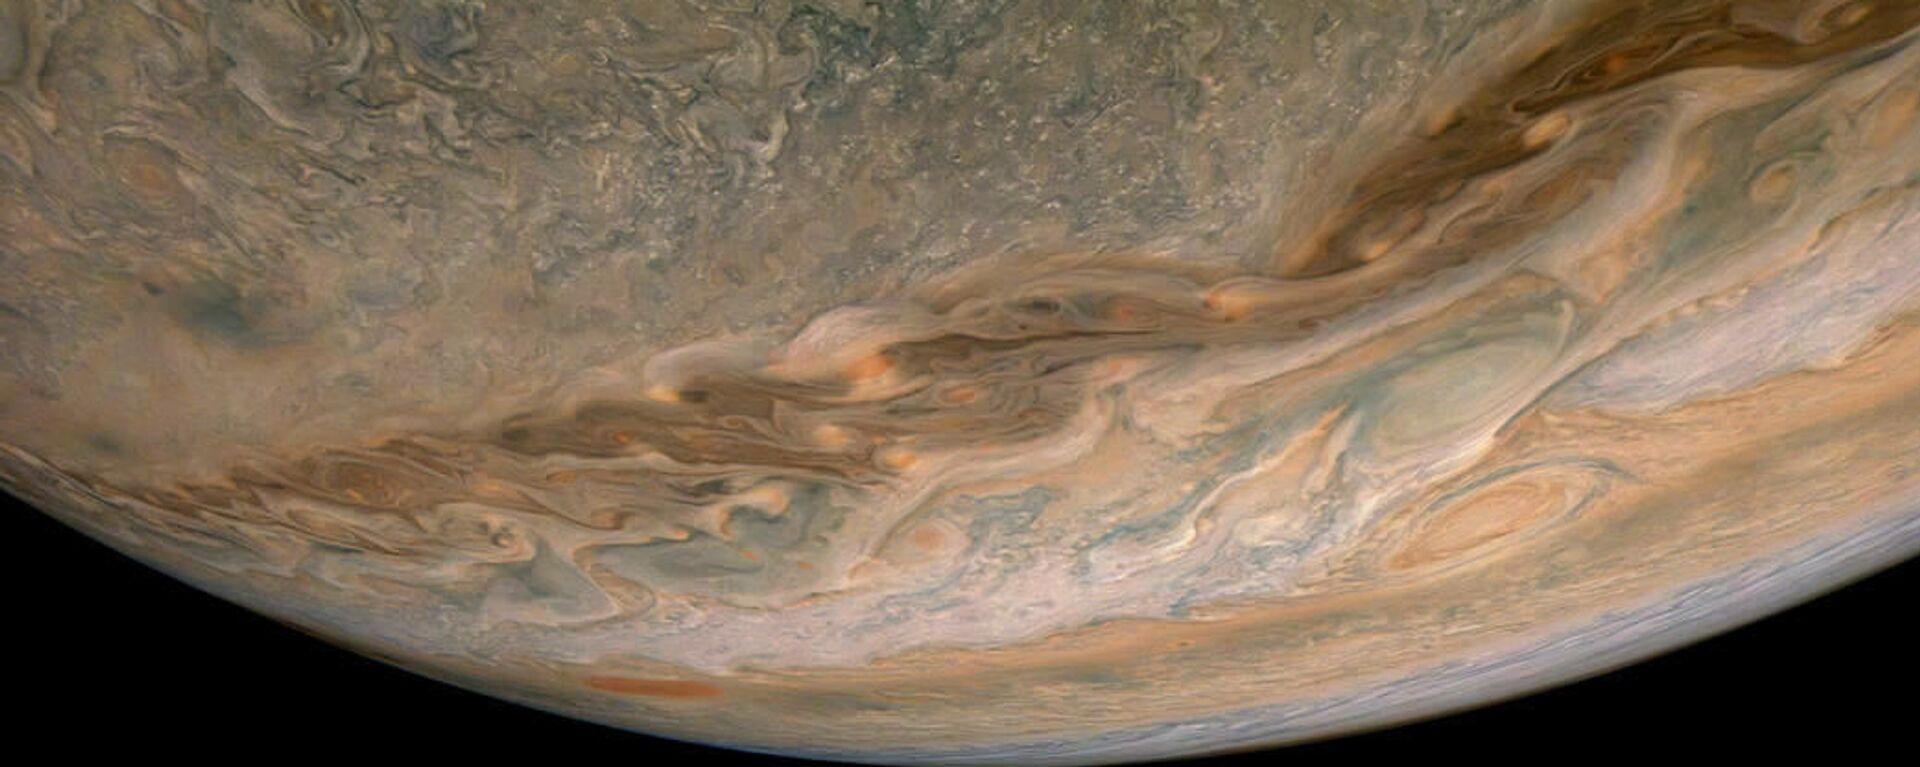 Severní polukoule Jupiteru - Sputnik Česká republika, 1920, 29.05.2021